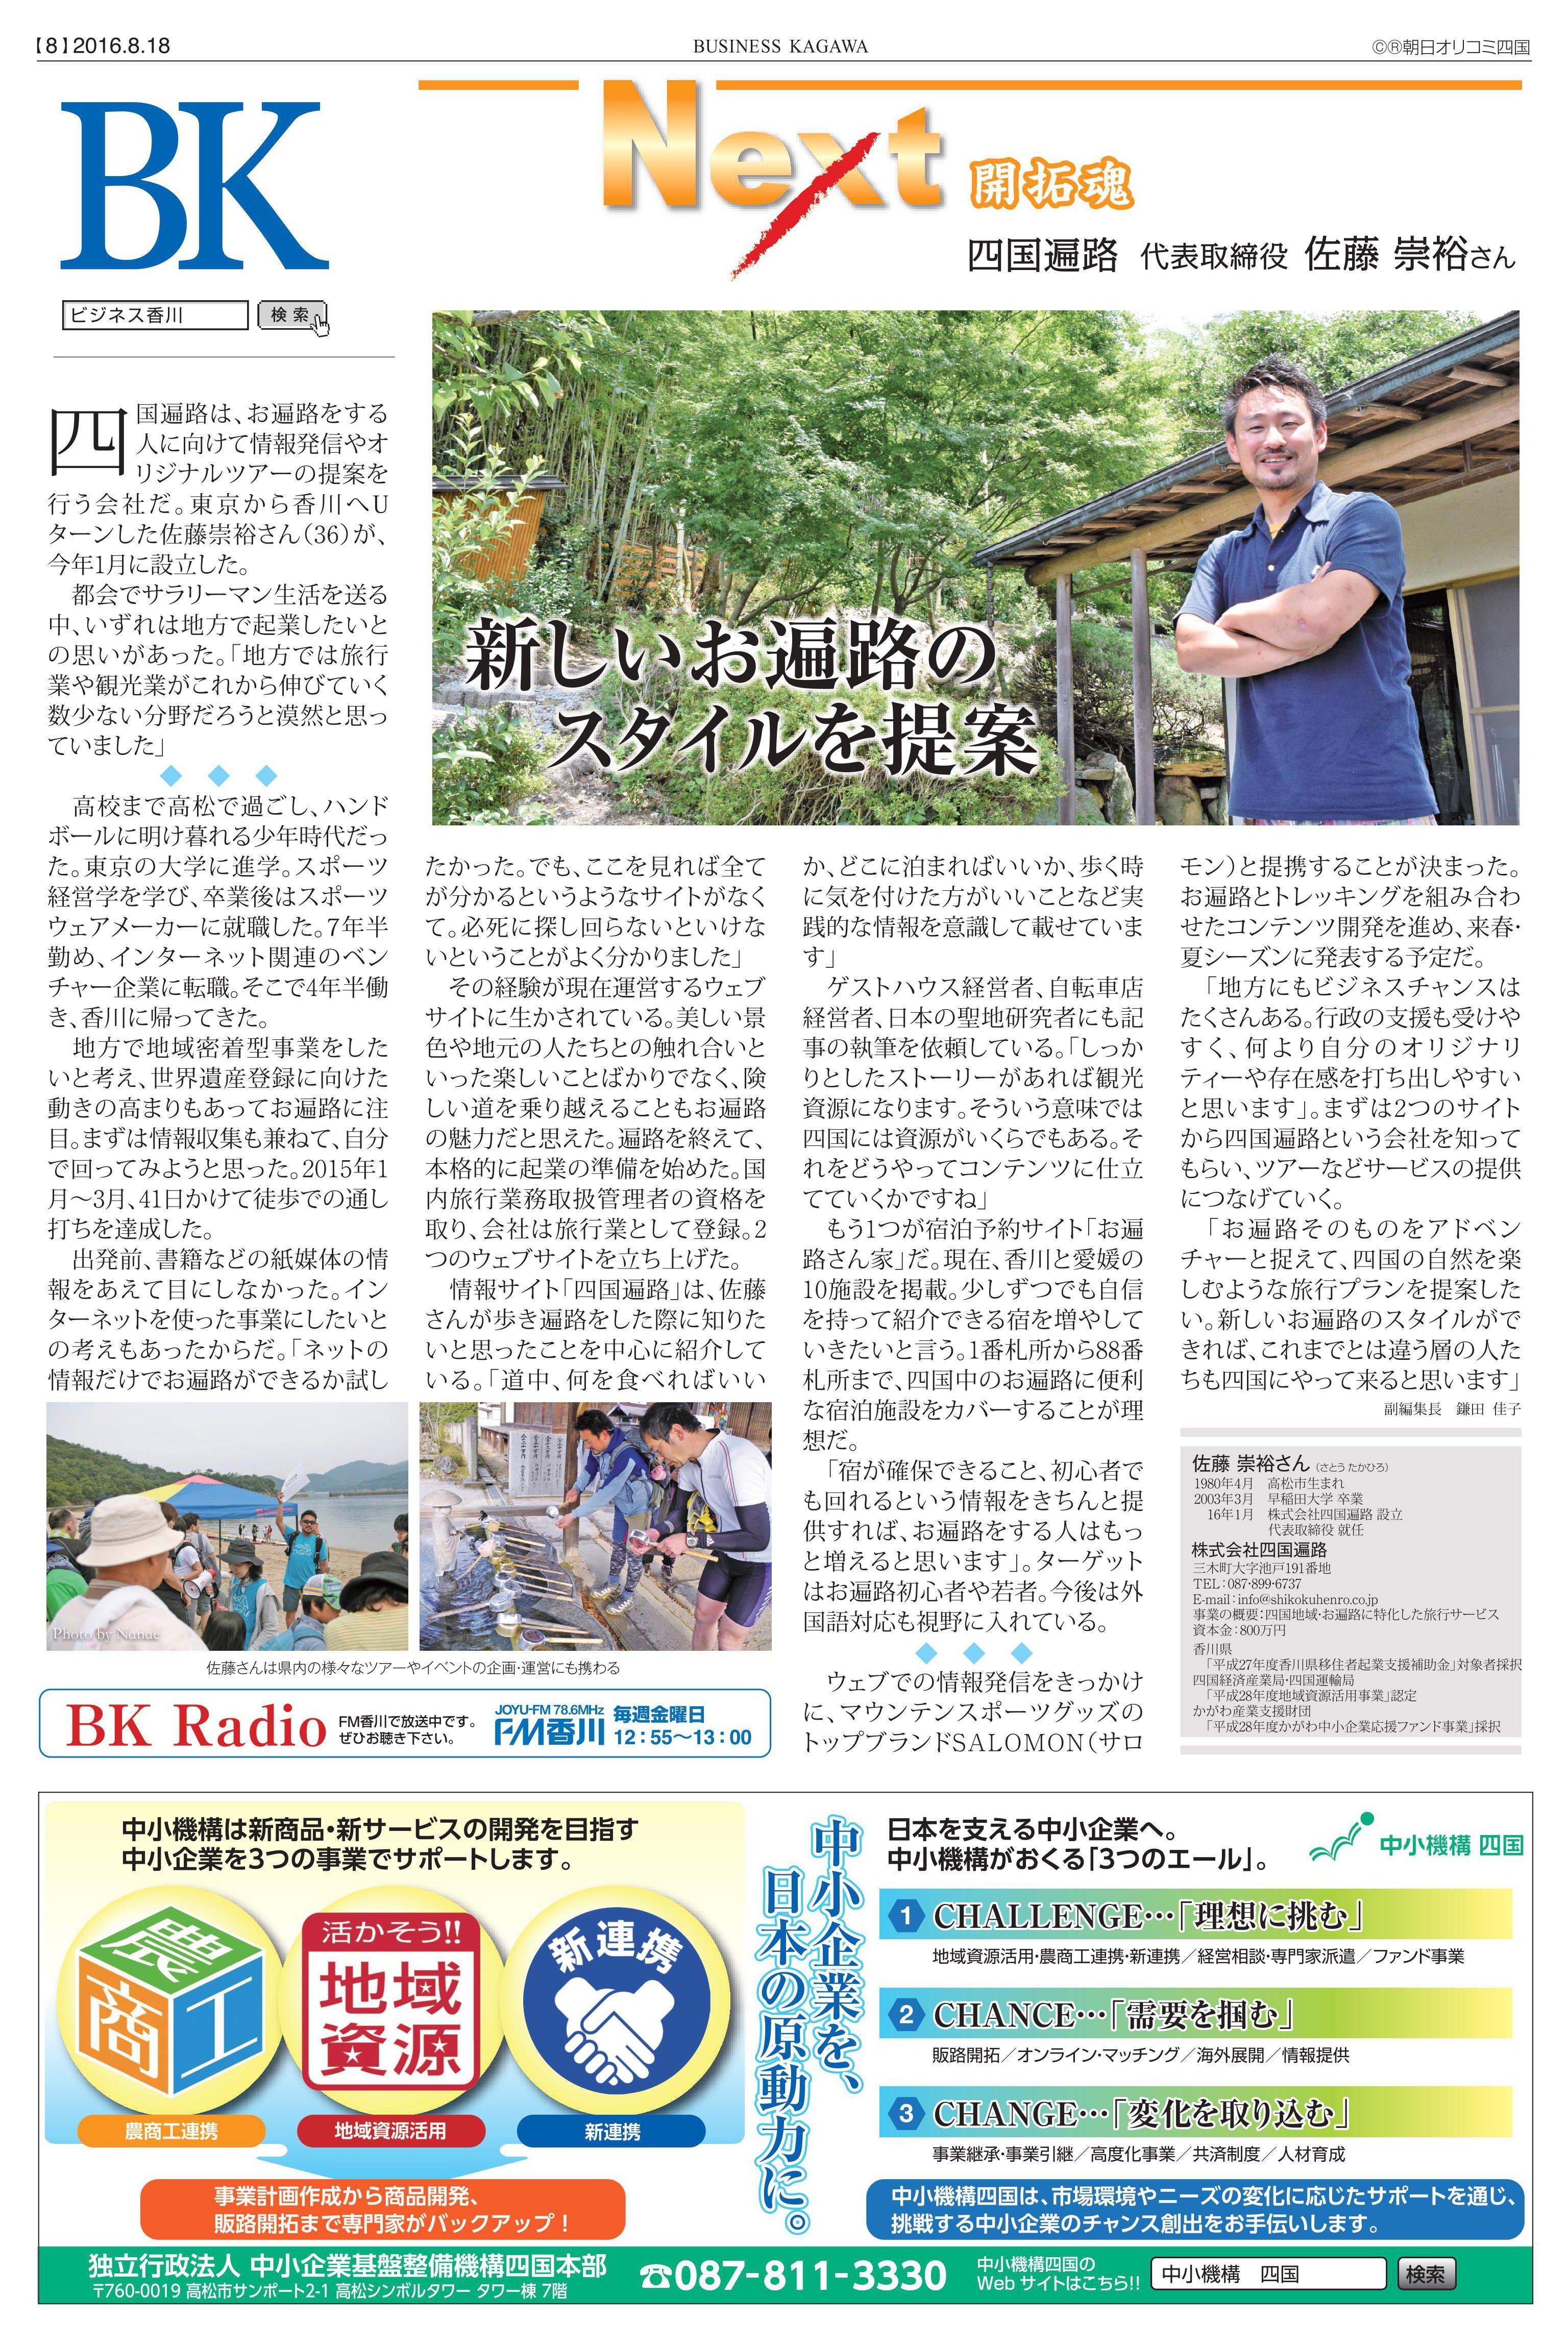 ビジネス香川_20160818